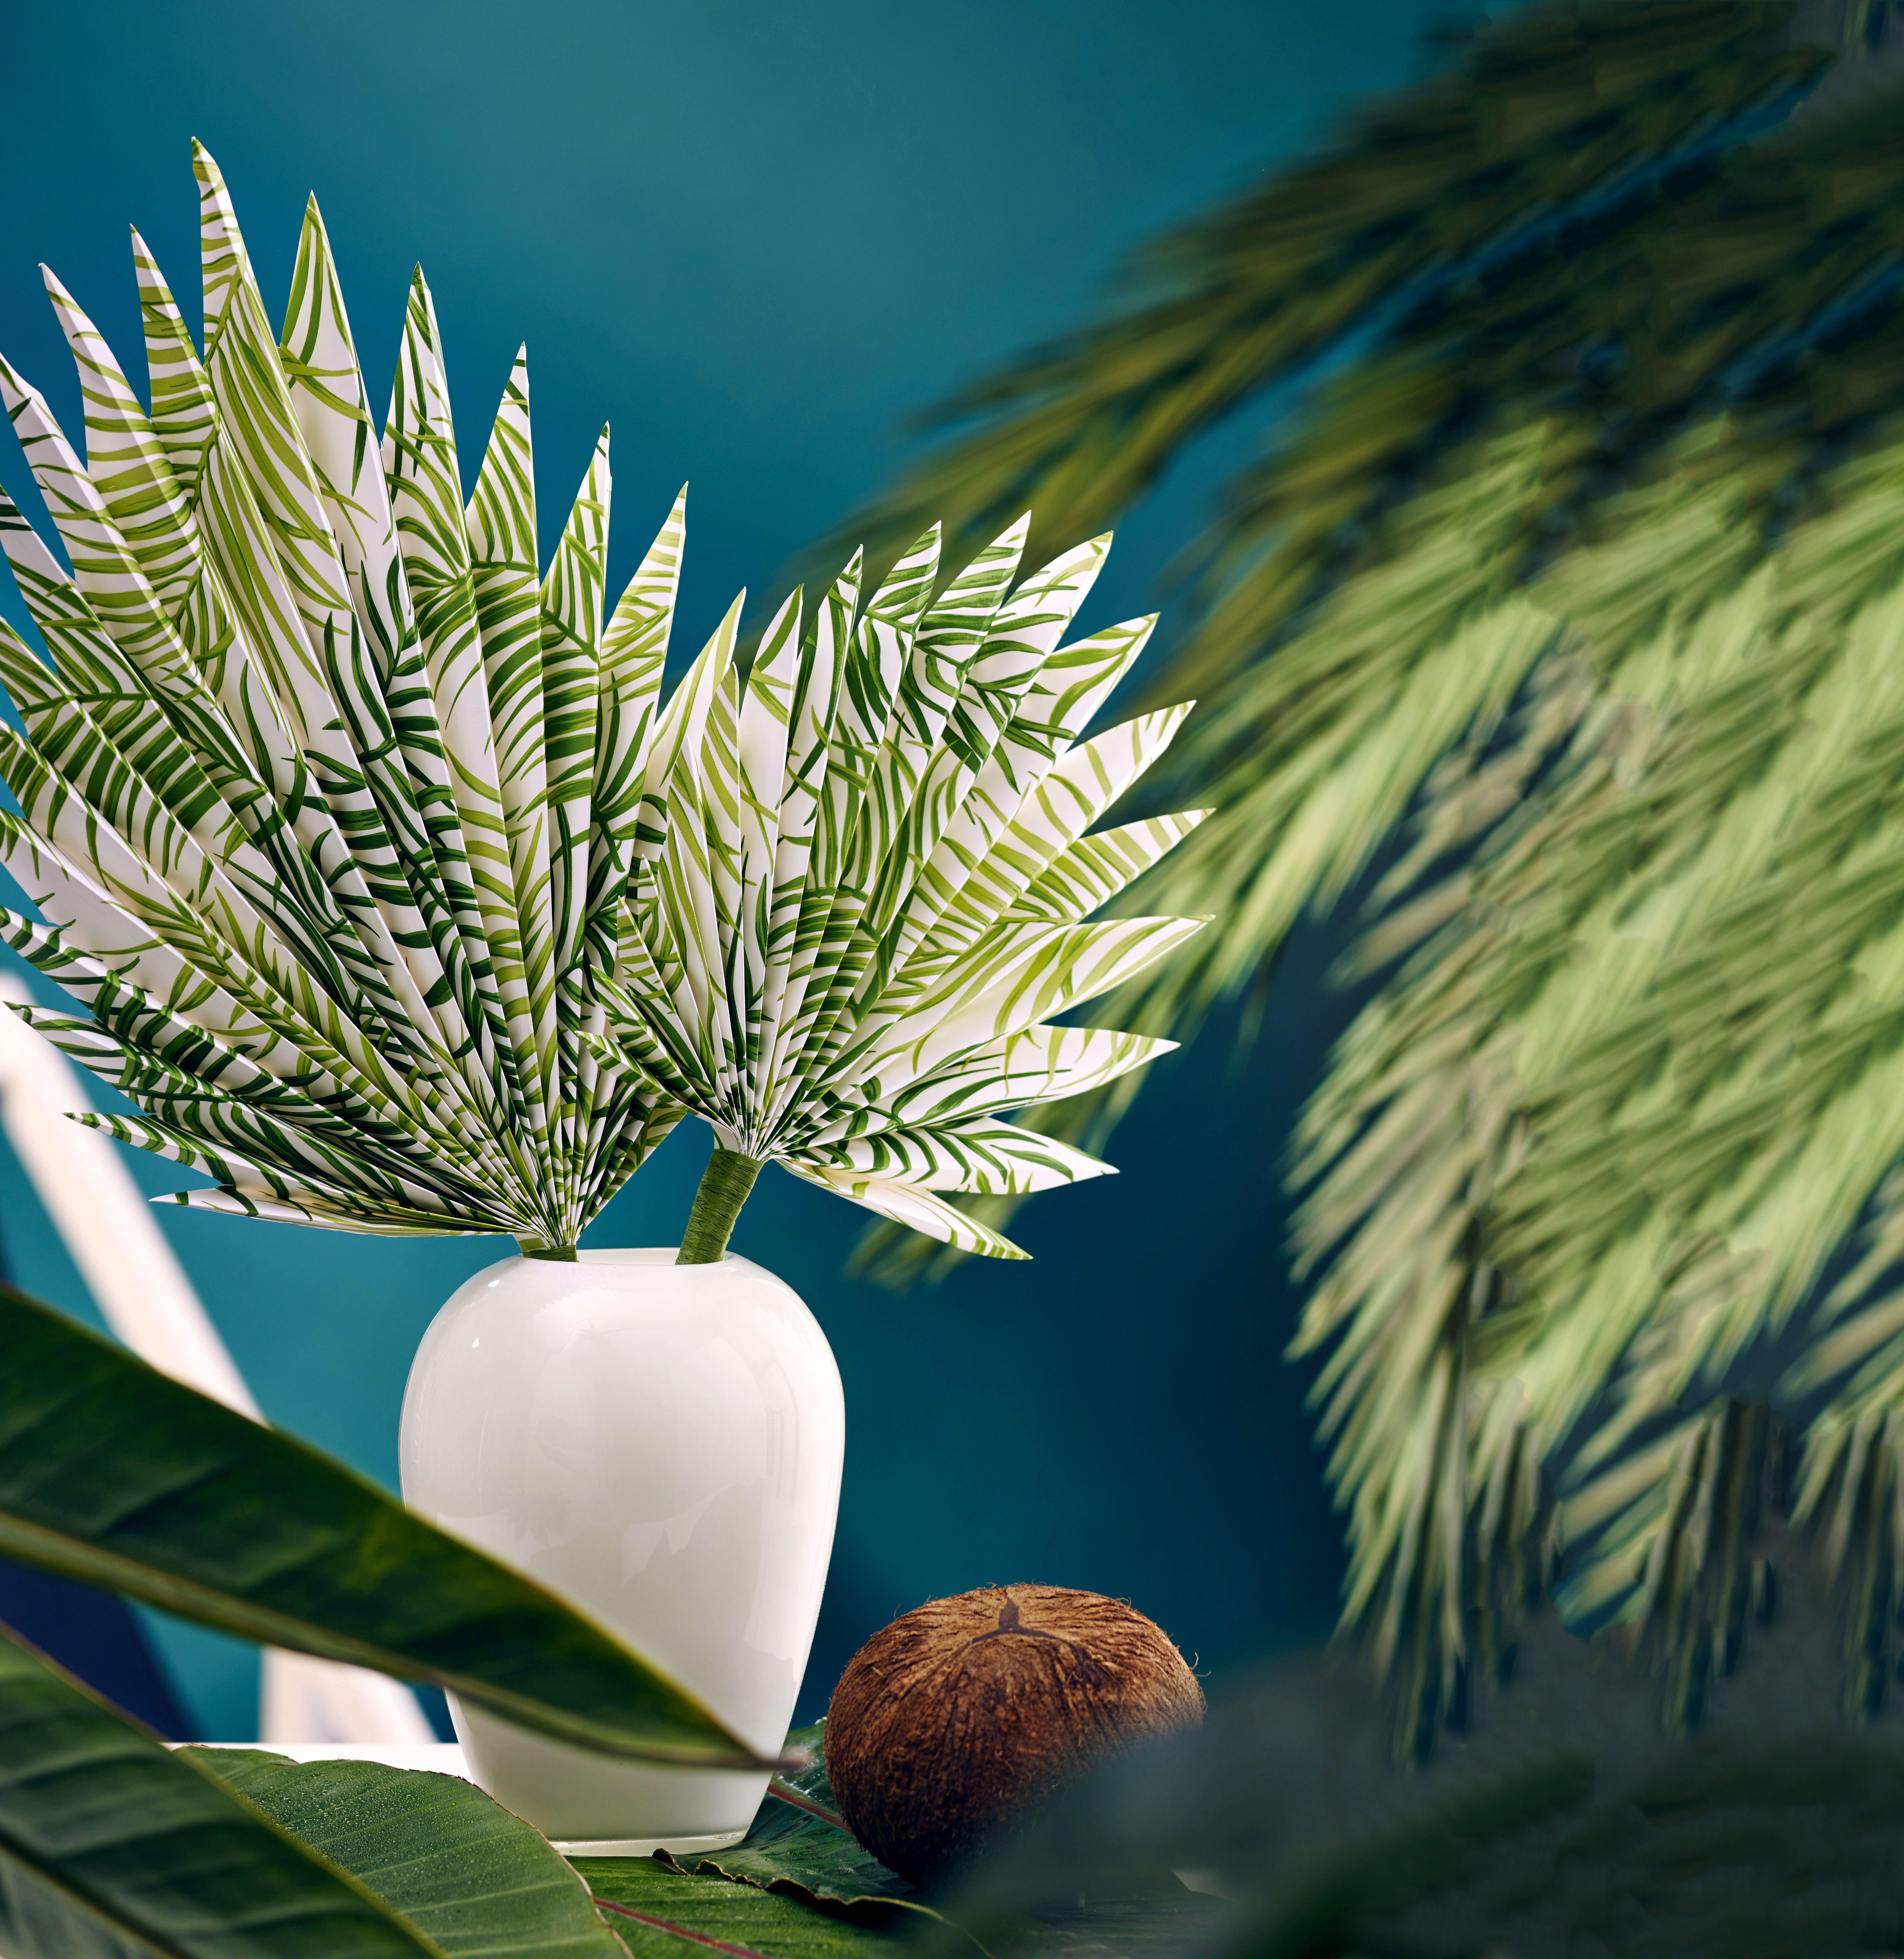 burda style palmenblatt f cher wenn die sommerhitze zu gro wird k nnen wir uns mit diesen. Black Bedroom Furniture Sets. Home Design Ideas